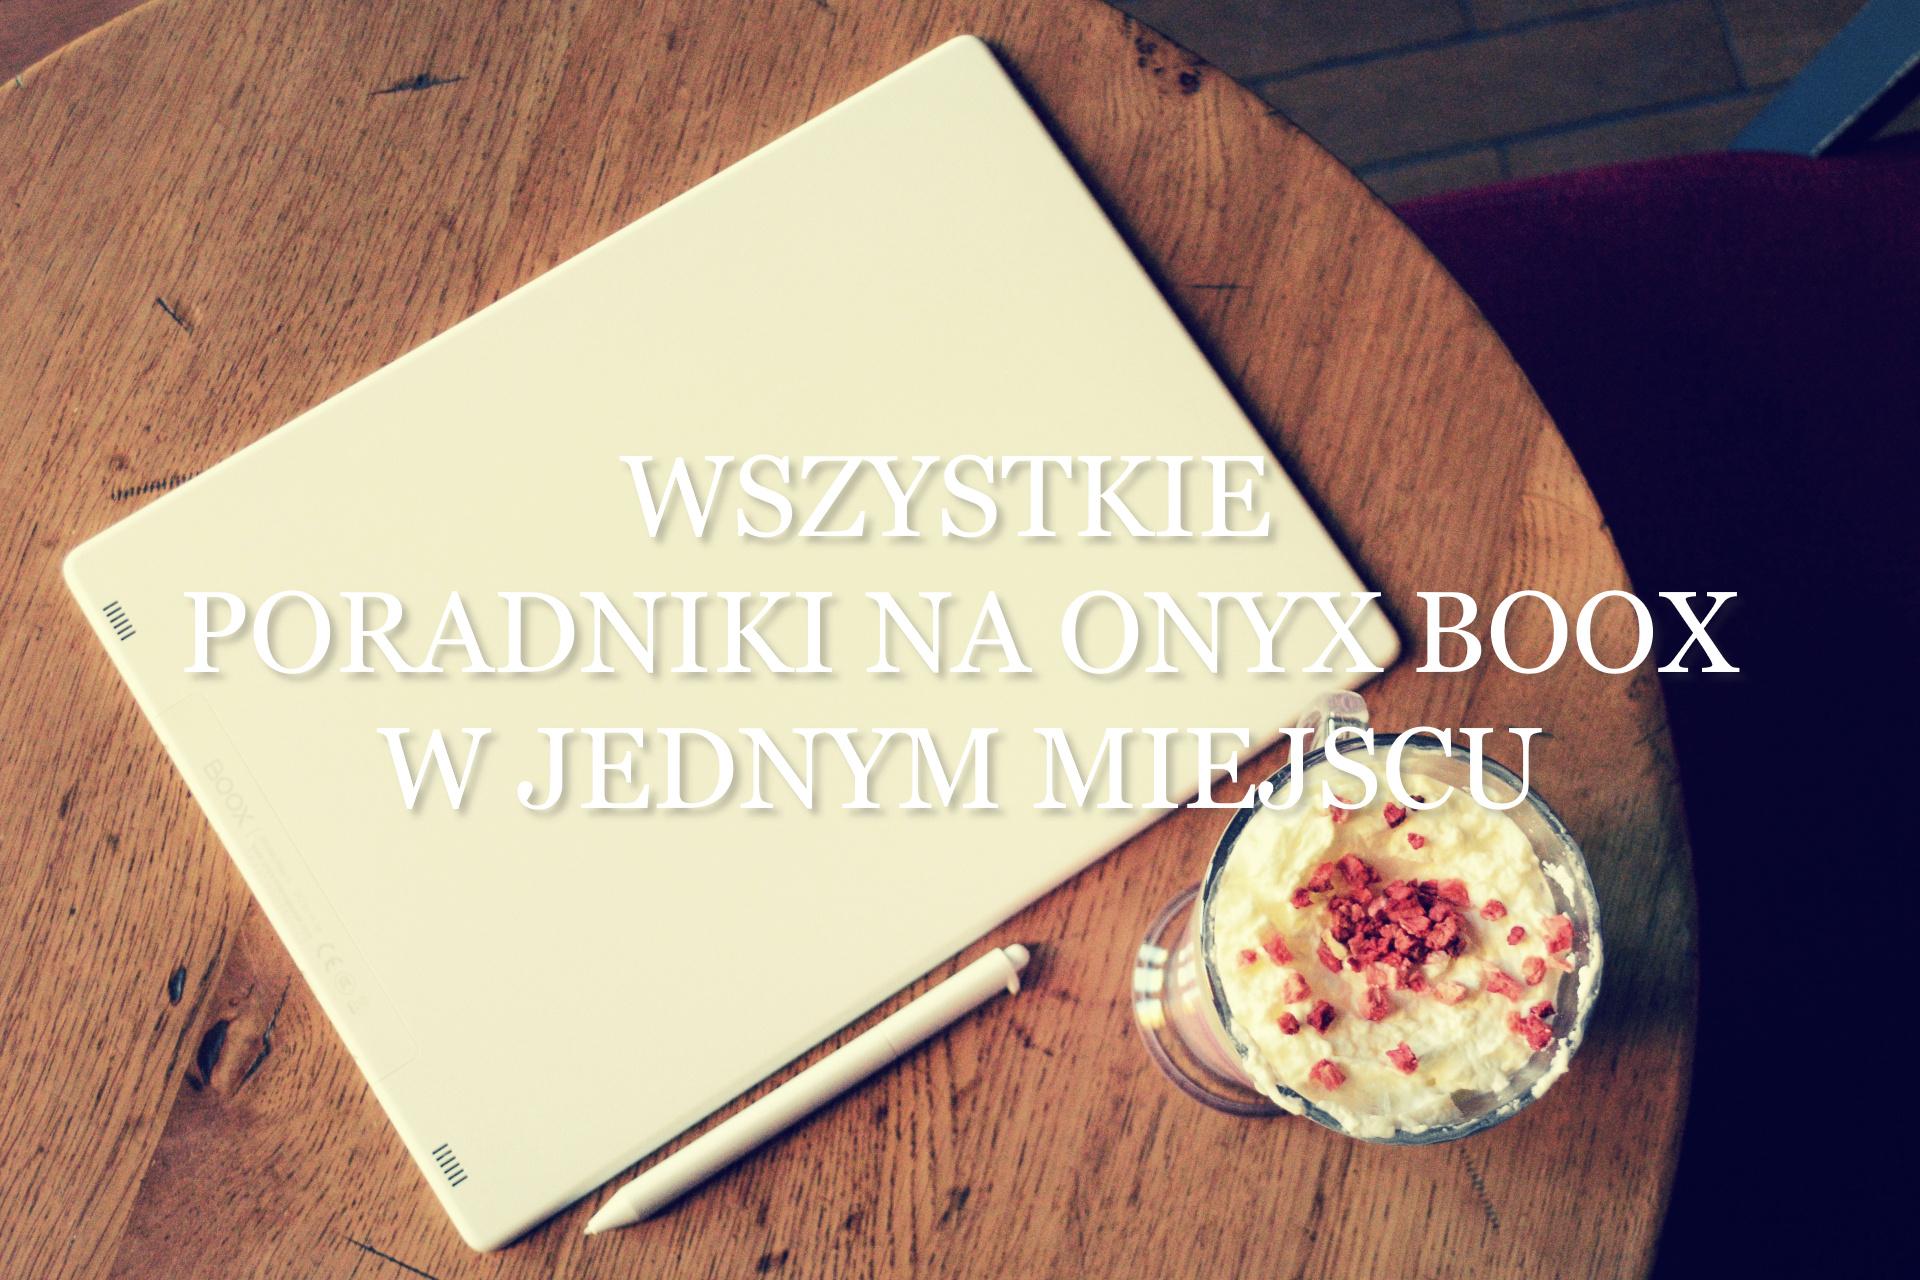 Wszystkie PORADNIKI NA ONYX BOOX w jednym miejscu [lista artykułów] - www.naczytniku.pl